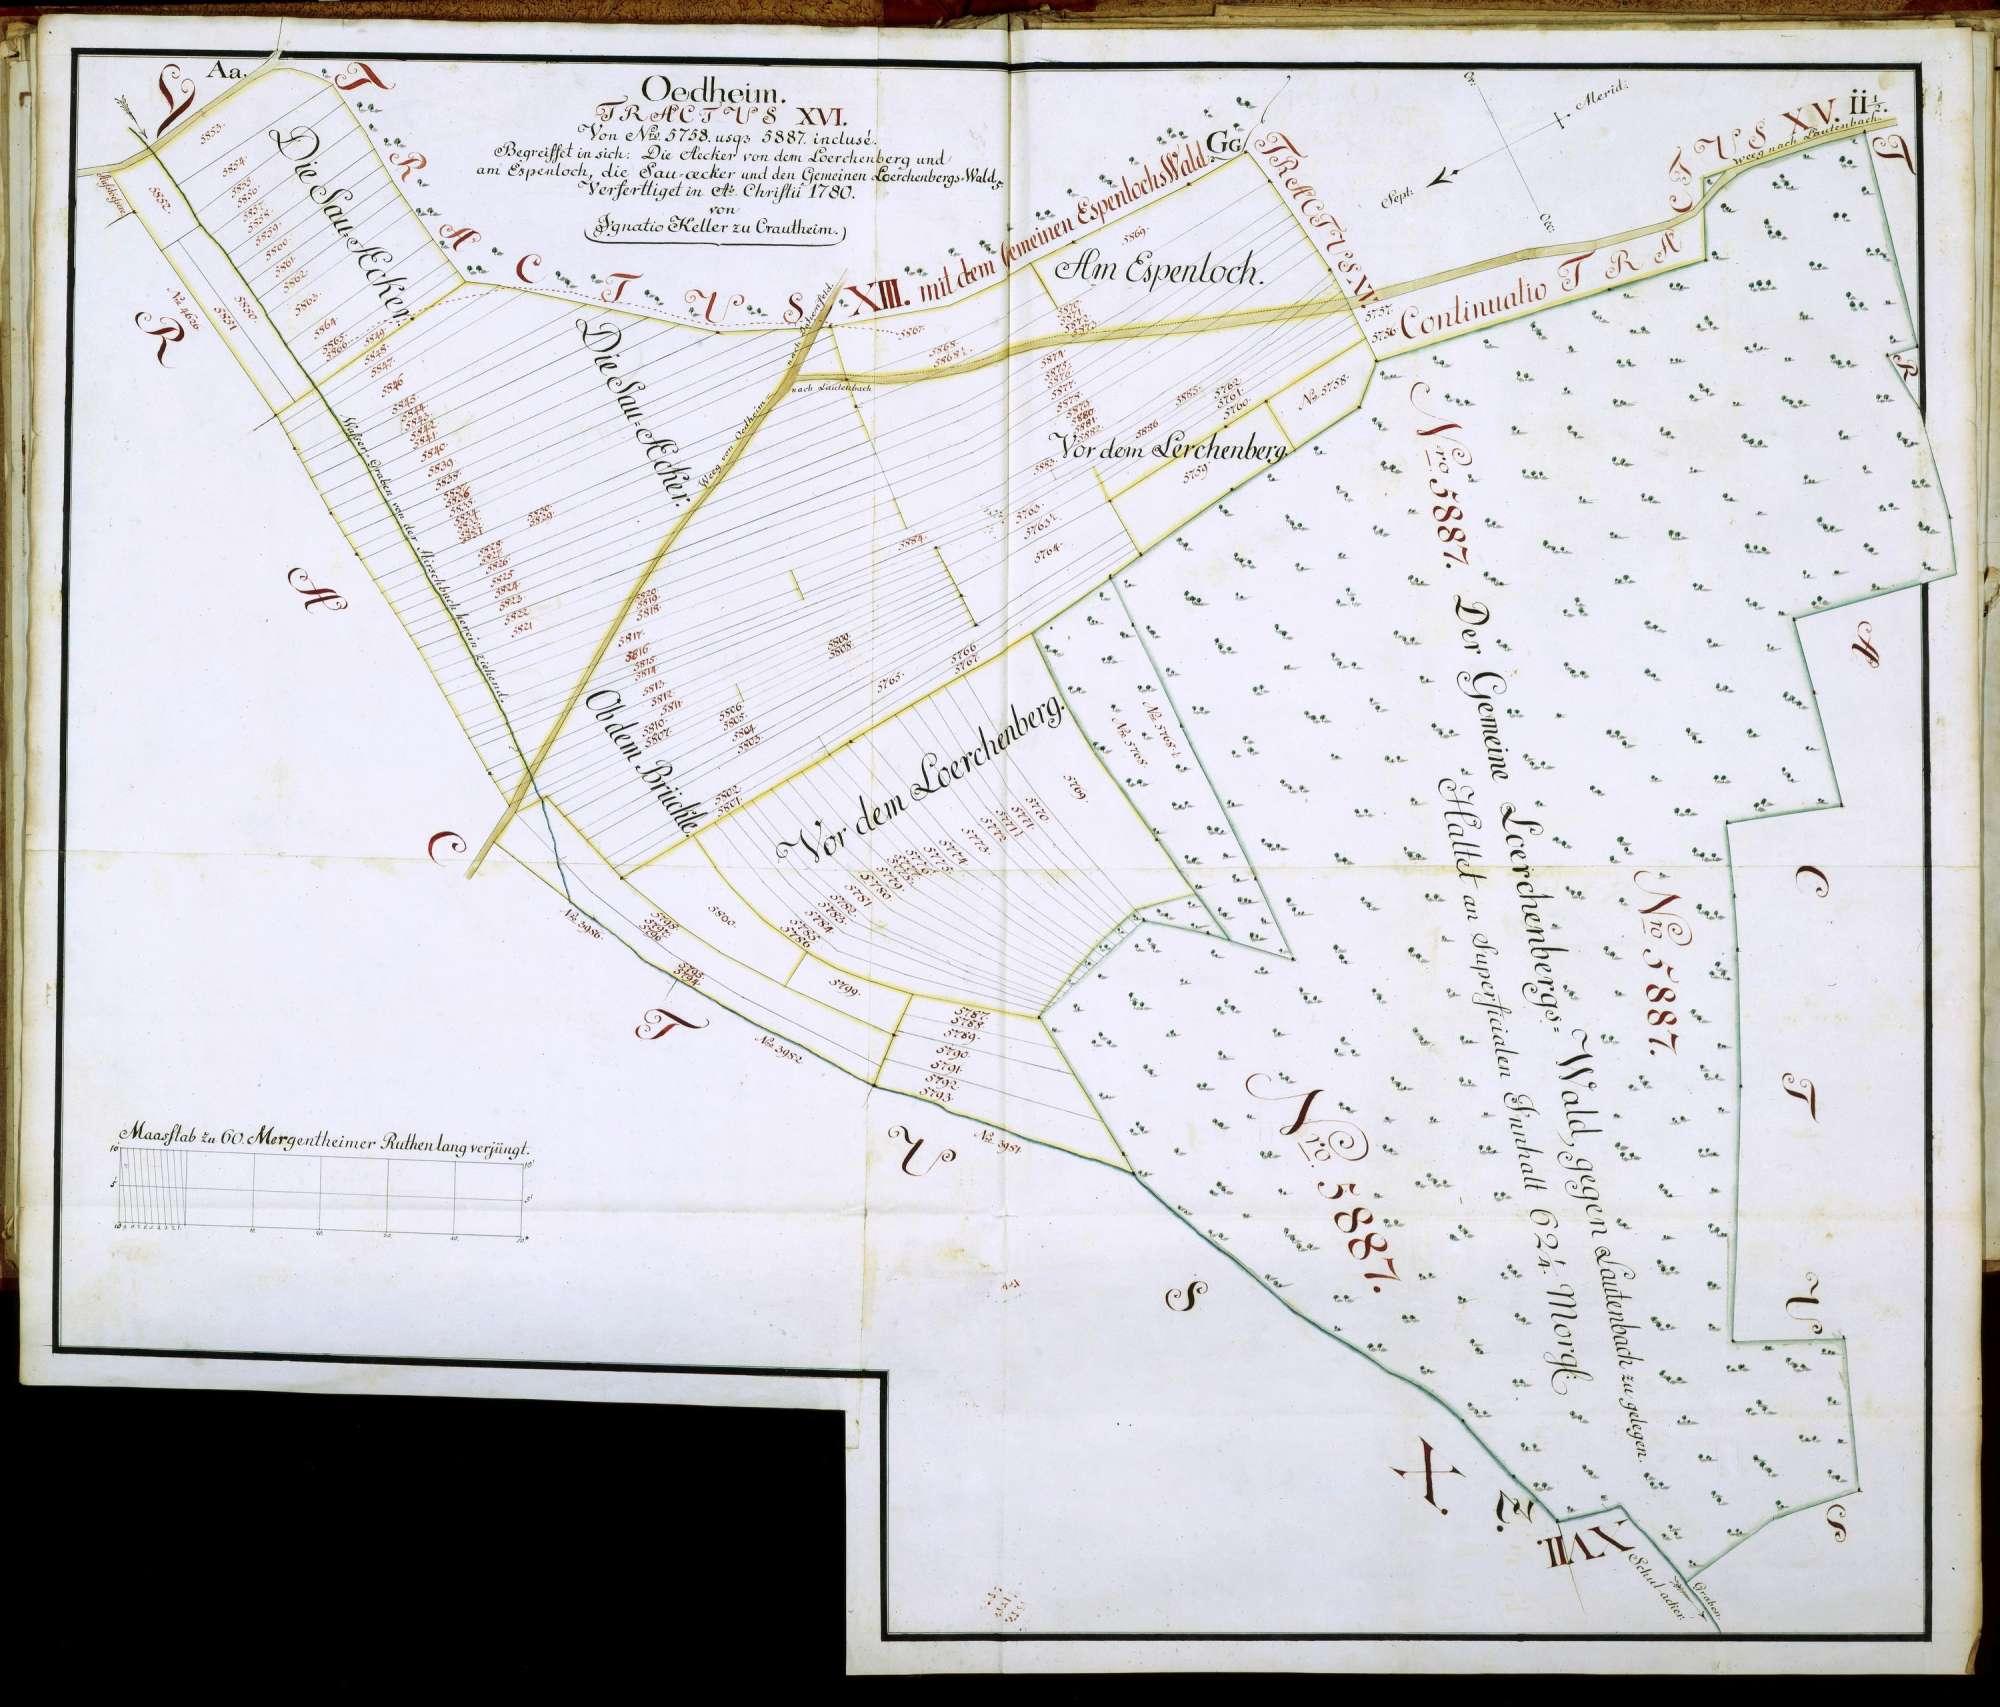 """Tractus XVI: """"Von N(ume)ro 5758 usqu(e) 5887 incluse begreiffet in sich die Aecker von dem Loerchenberg und am Espenloch, die Sauaecker und den gemeinen Loerchenbergswald"""", Bild 1"""